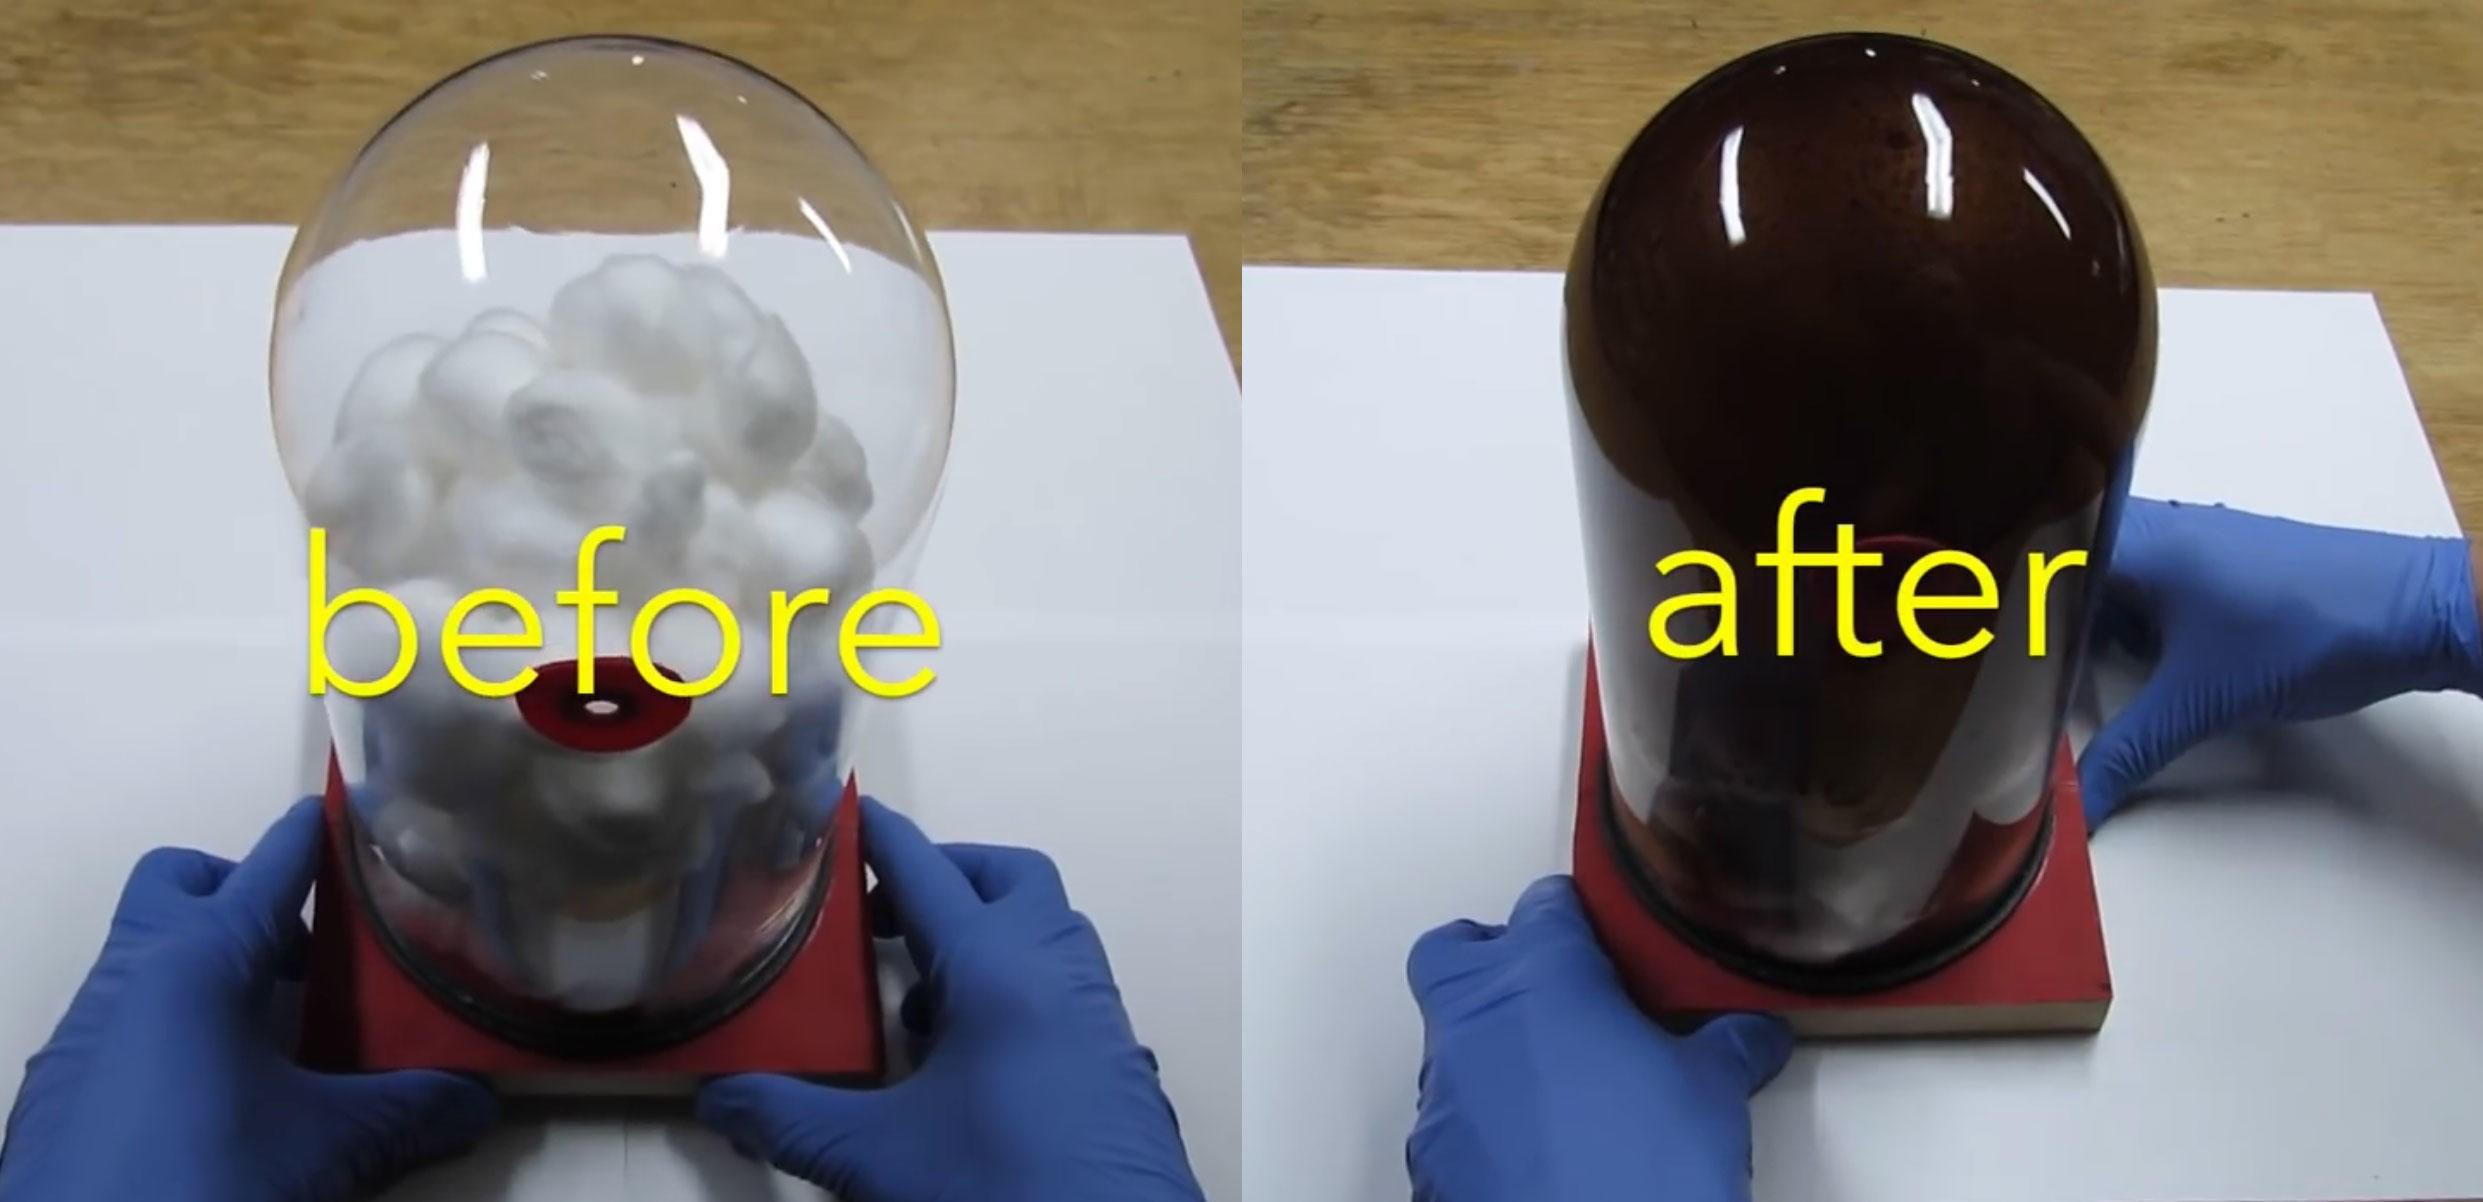 Dette er hva inhalering av 600 sigaretter gjør i en glasskuppel fylt med bomull. Tjæren som blir igjen er ikke et pent syn.